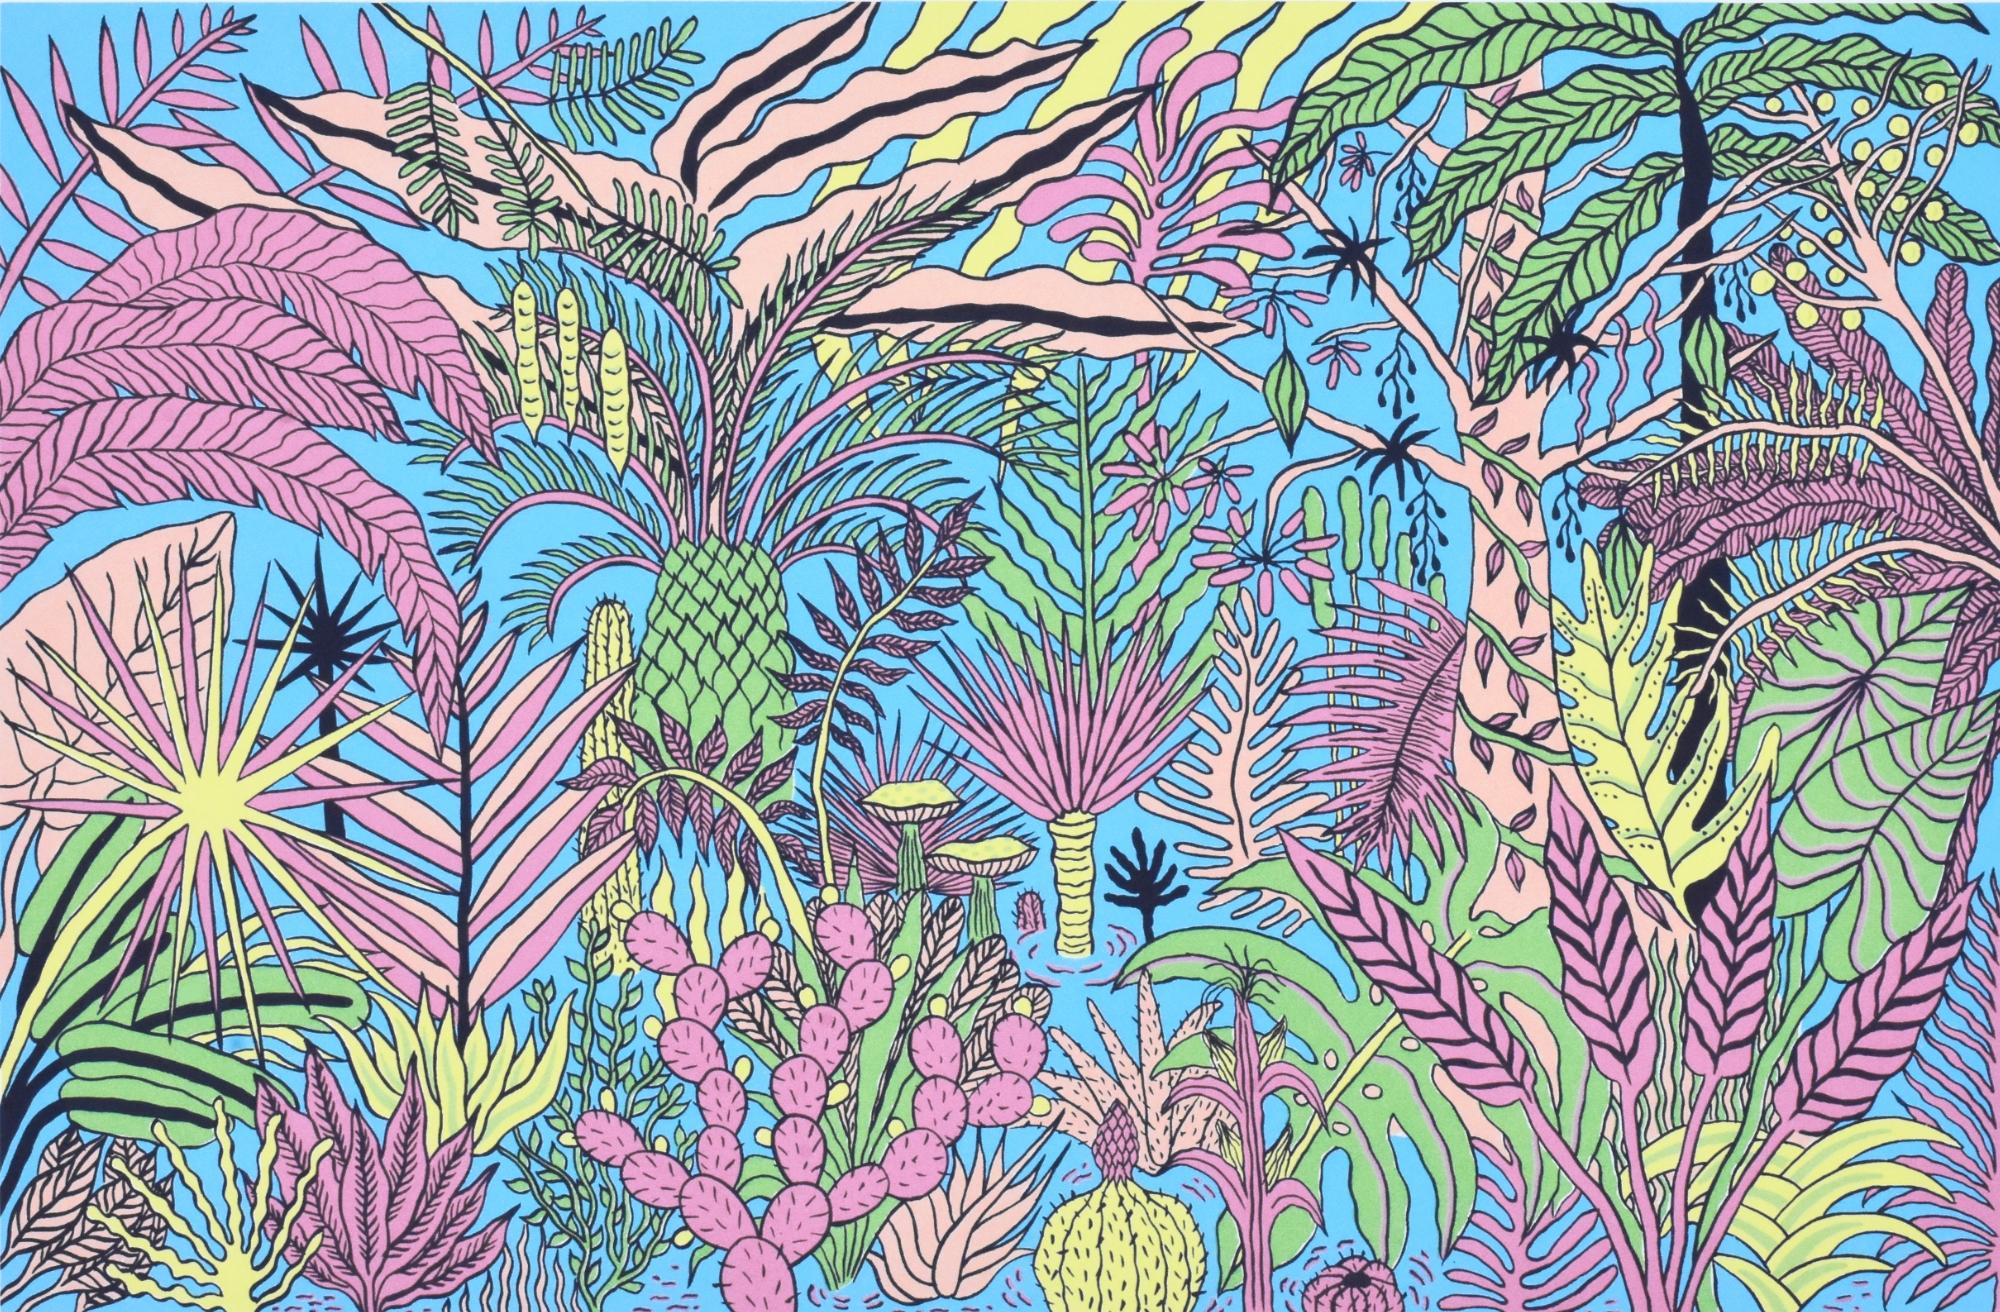 Flora (Framed) by Mirel Fraga